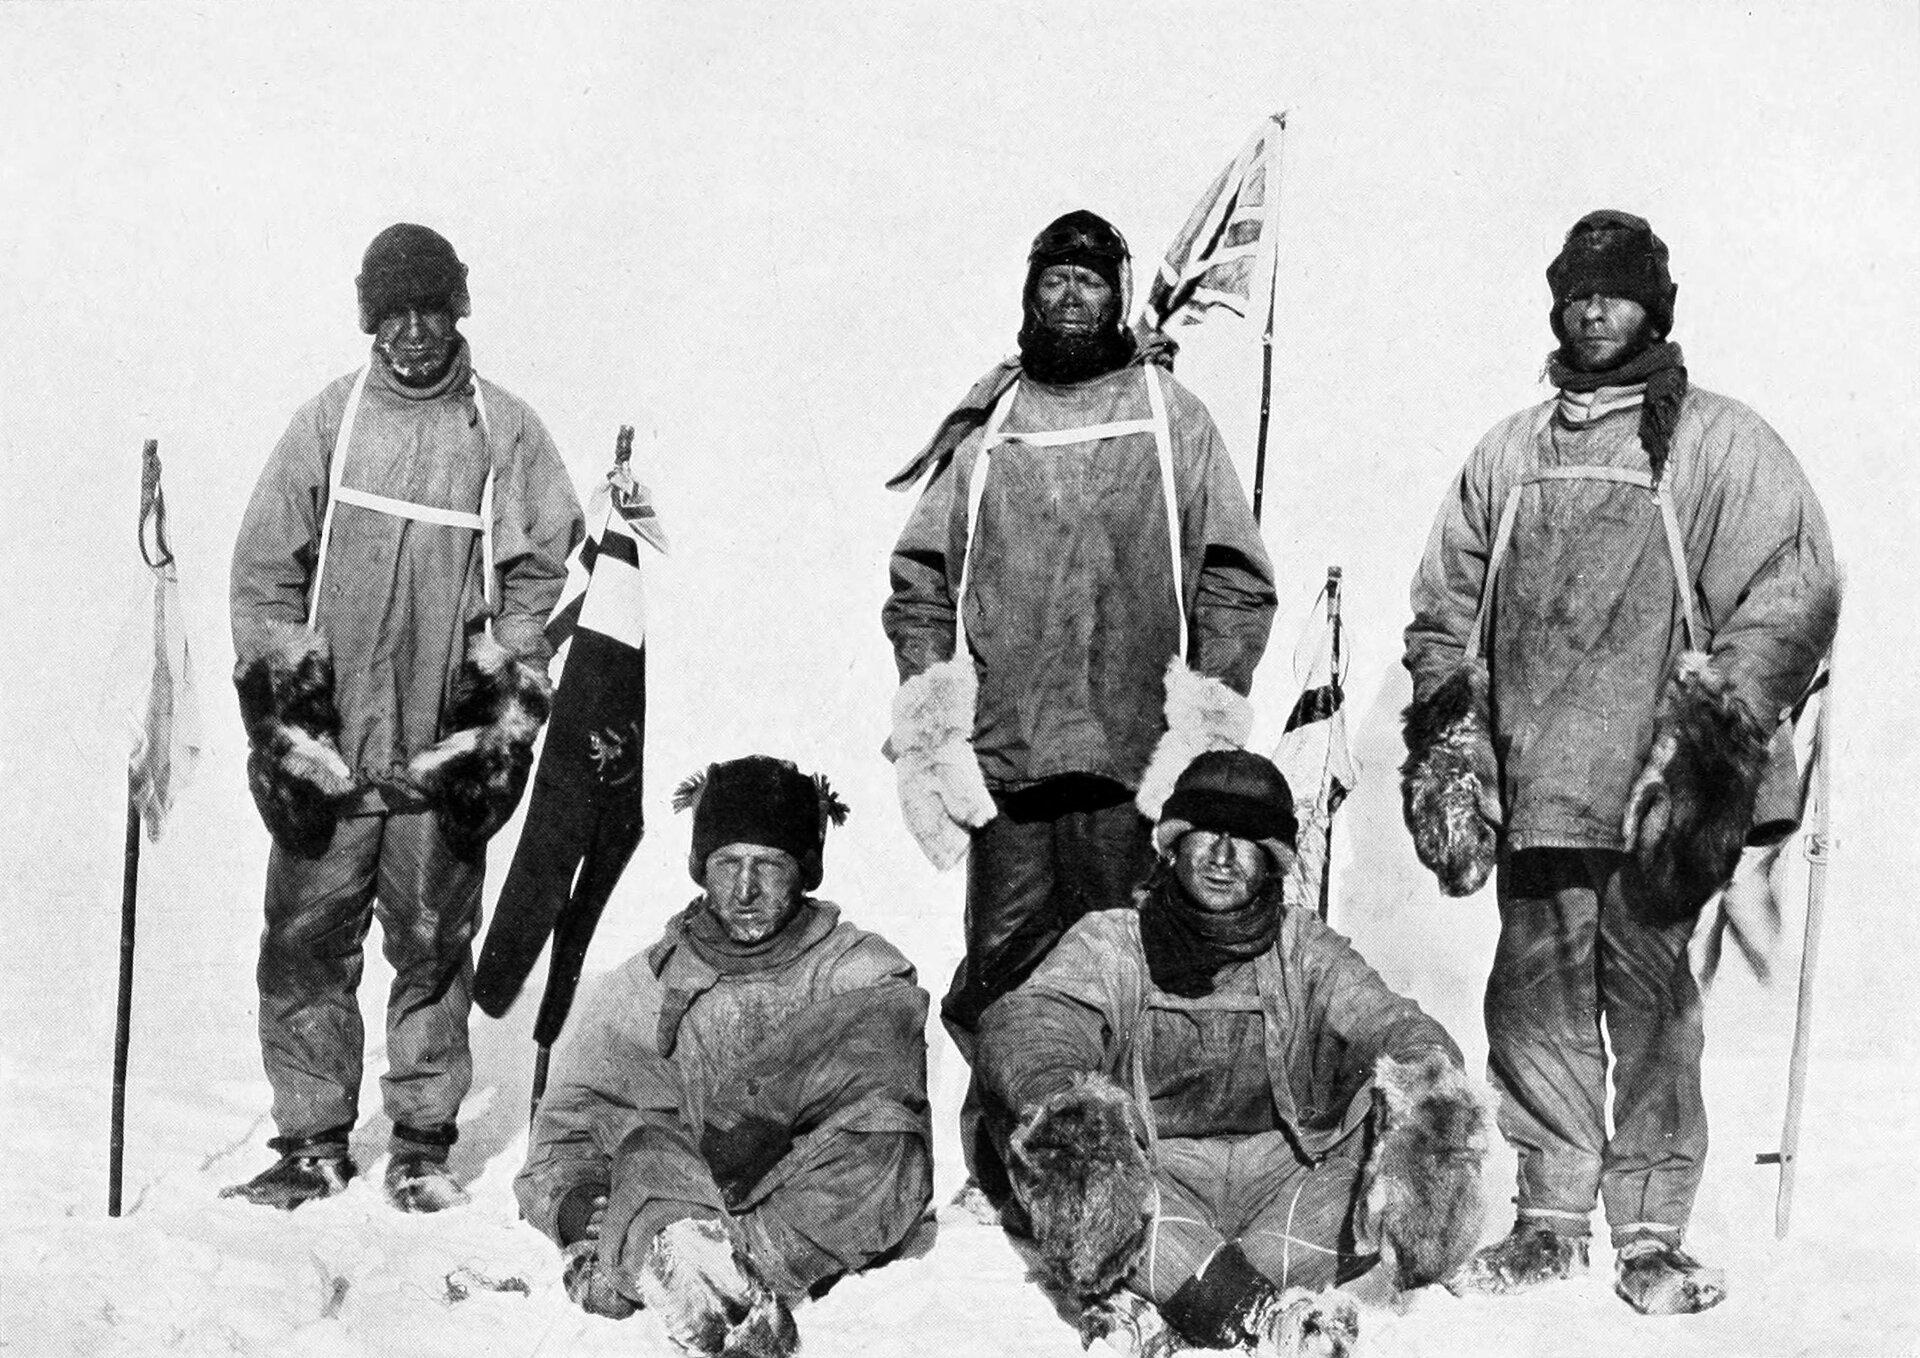 Na zdjęciu pięciu mężczyzn wciepłych strojach ifutrzanych rękawicach. Za nimi wbita wśnieg flaga brytyjska.